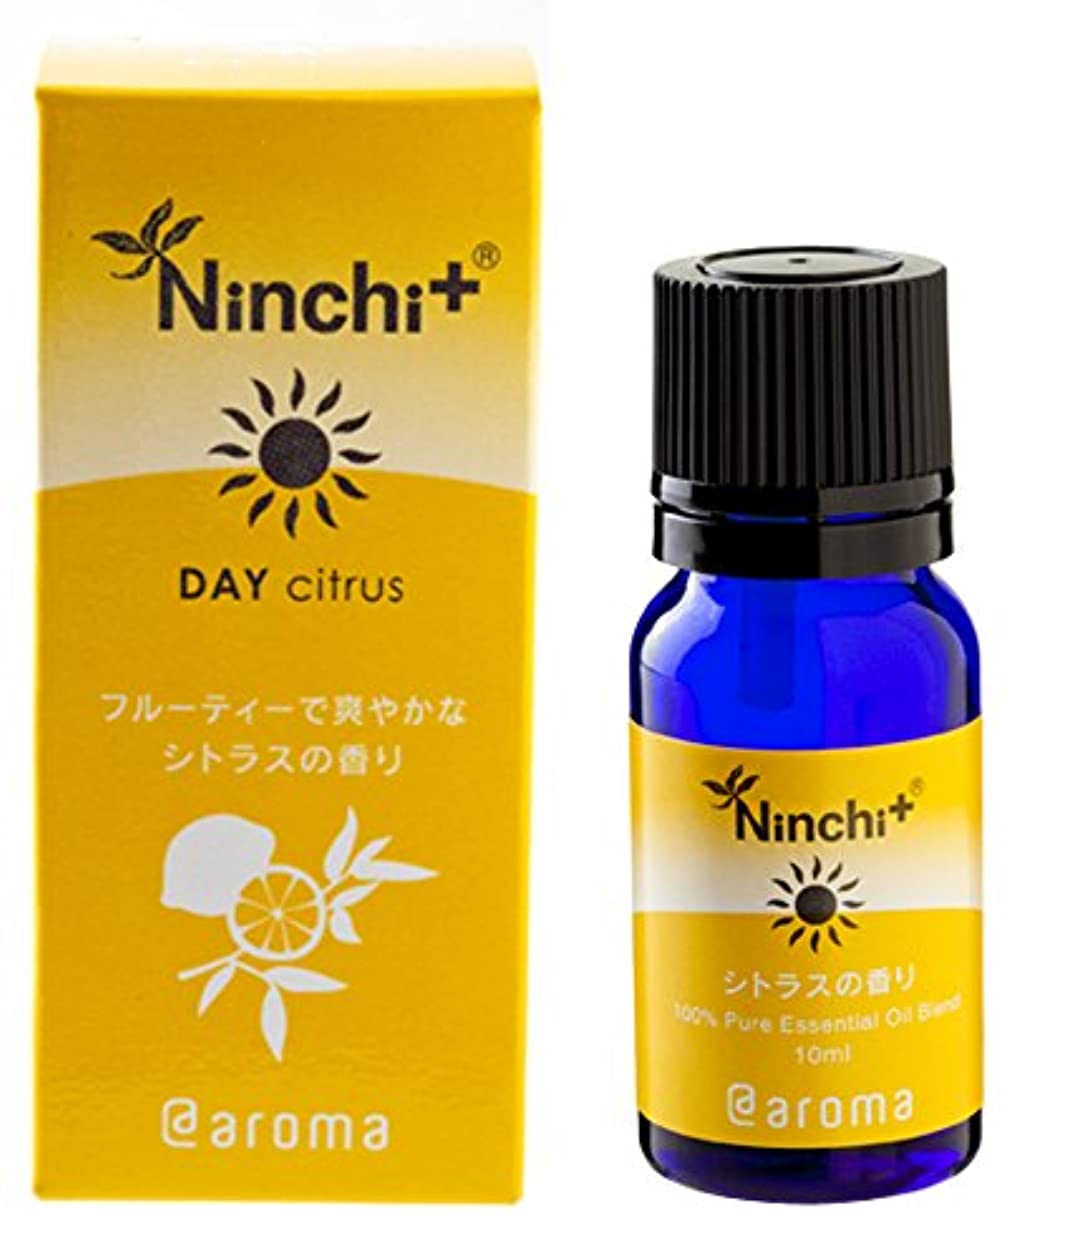 悪因子効率第二にNinchi+ Day シトラス10ml